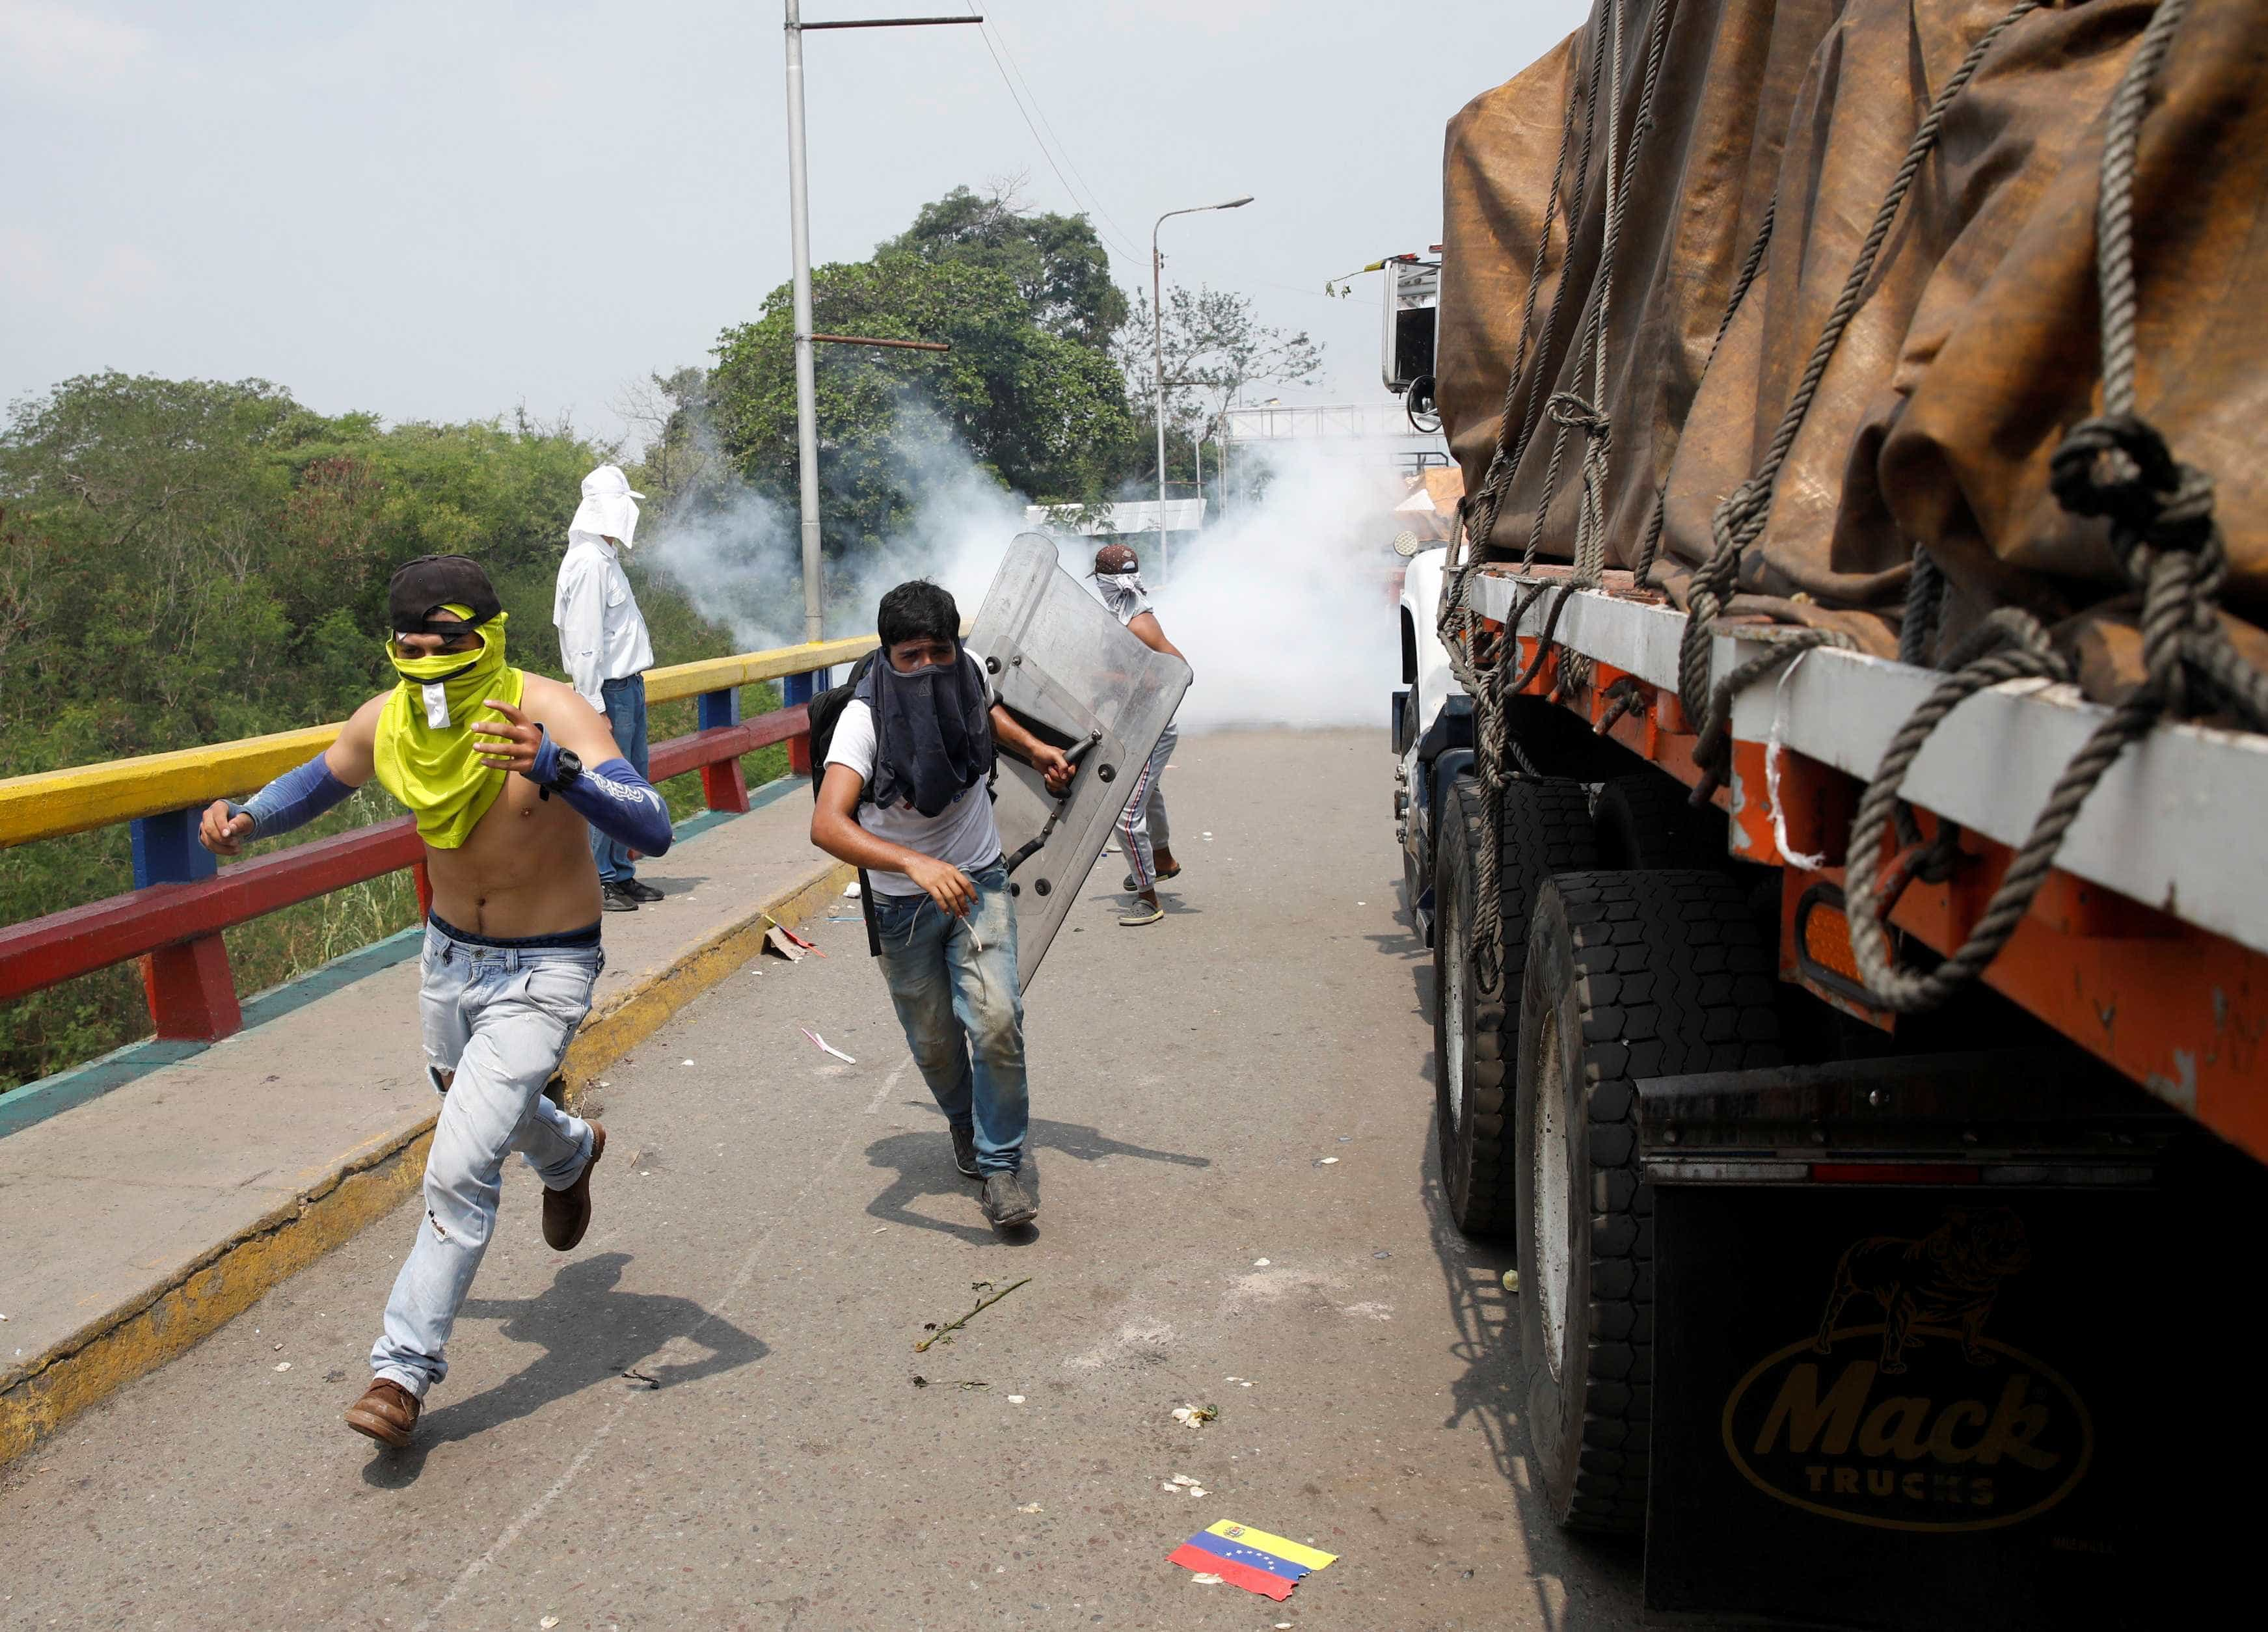 Comboios são recebidos com bombas entre Colômbia e Venezuela